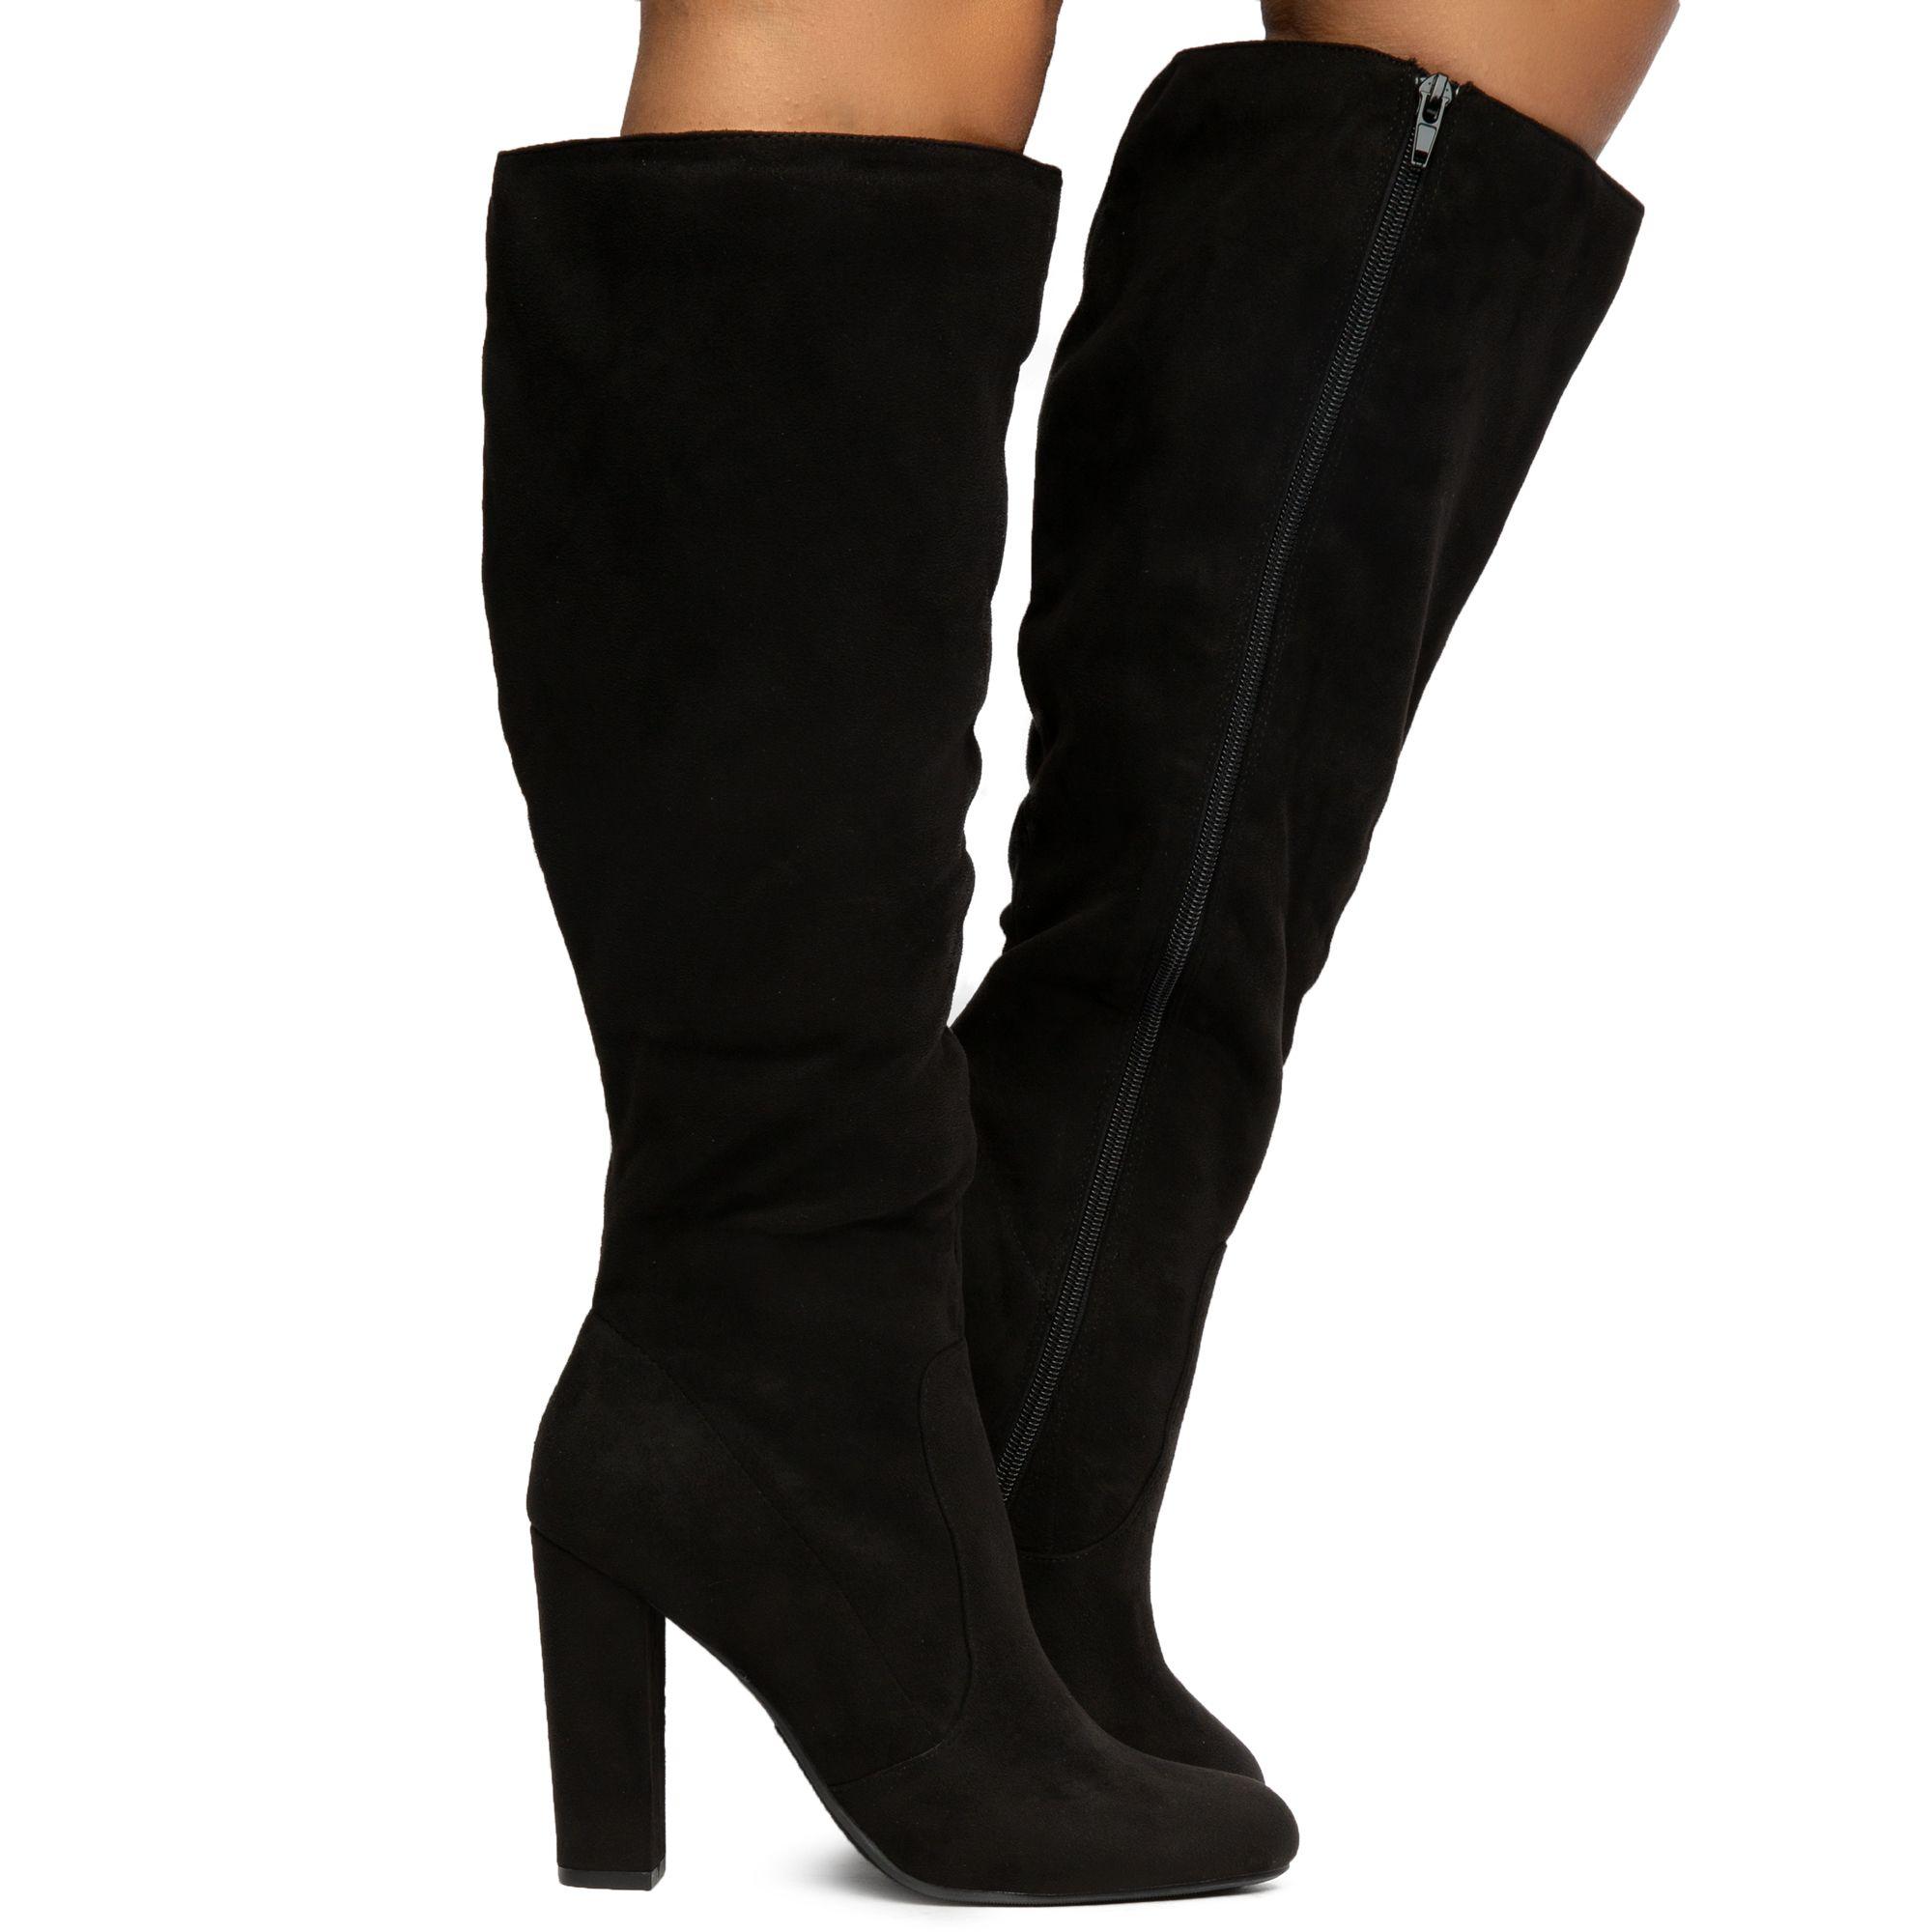 FORTUN Womens high Heel Boots Super high Heel Boots high Boots